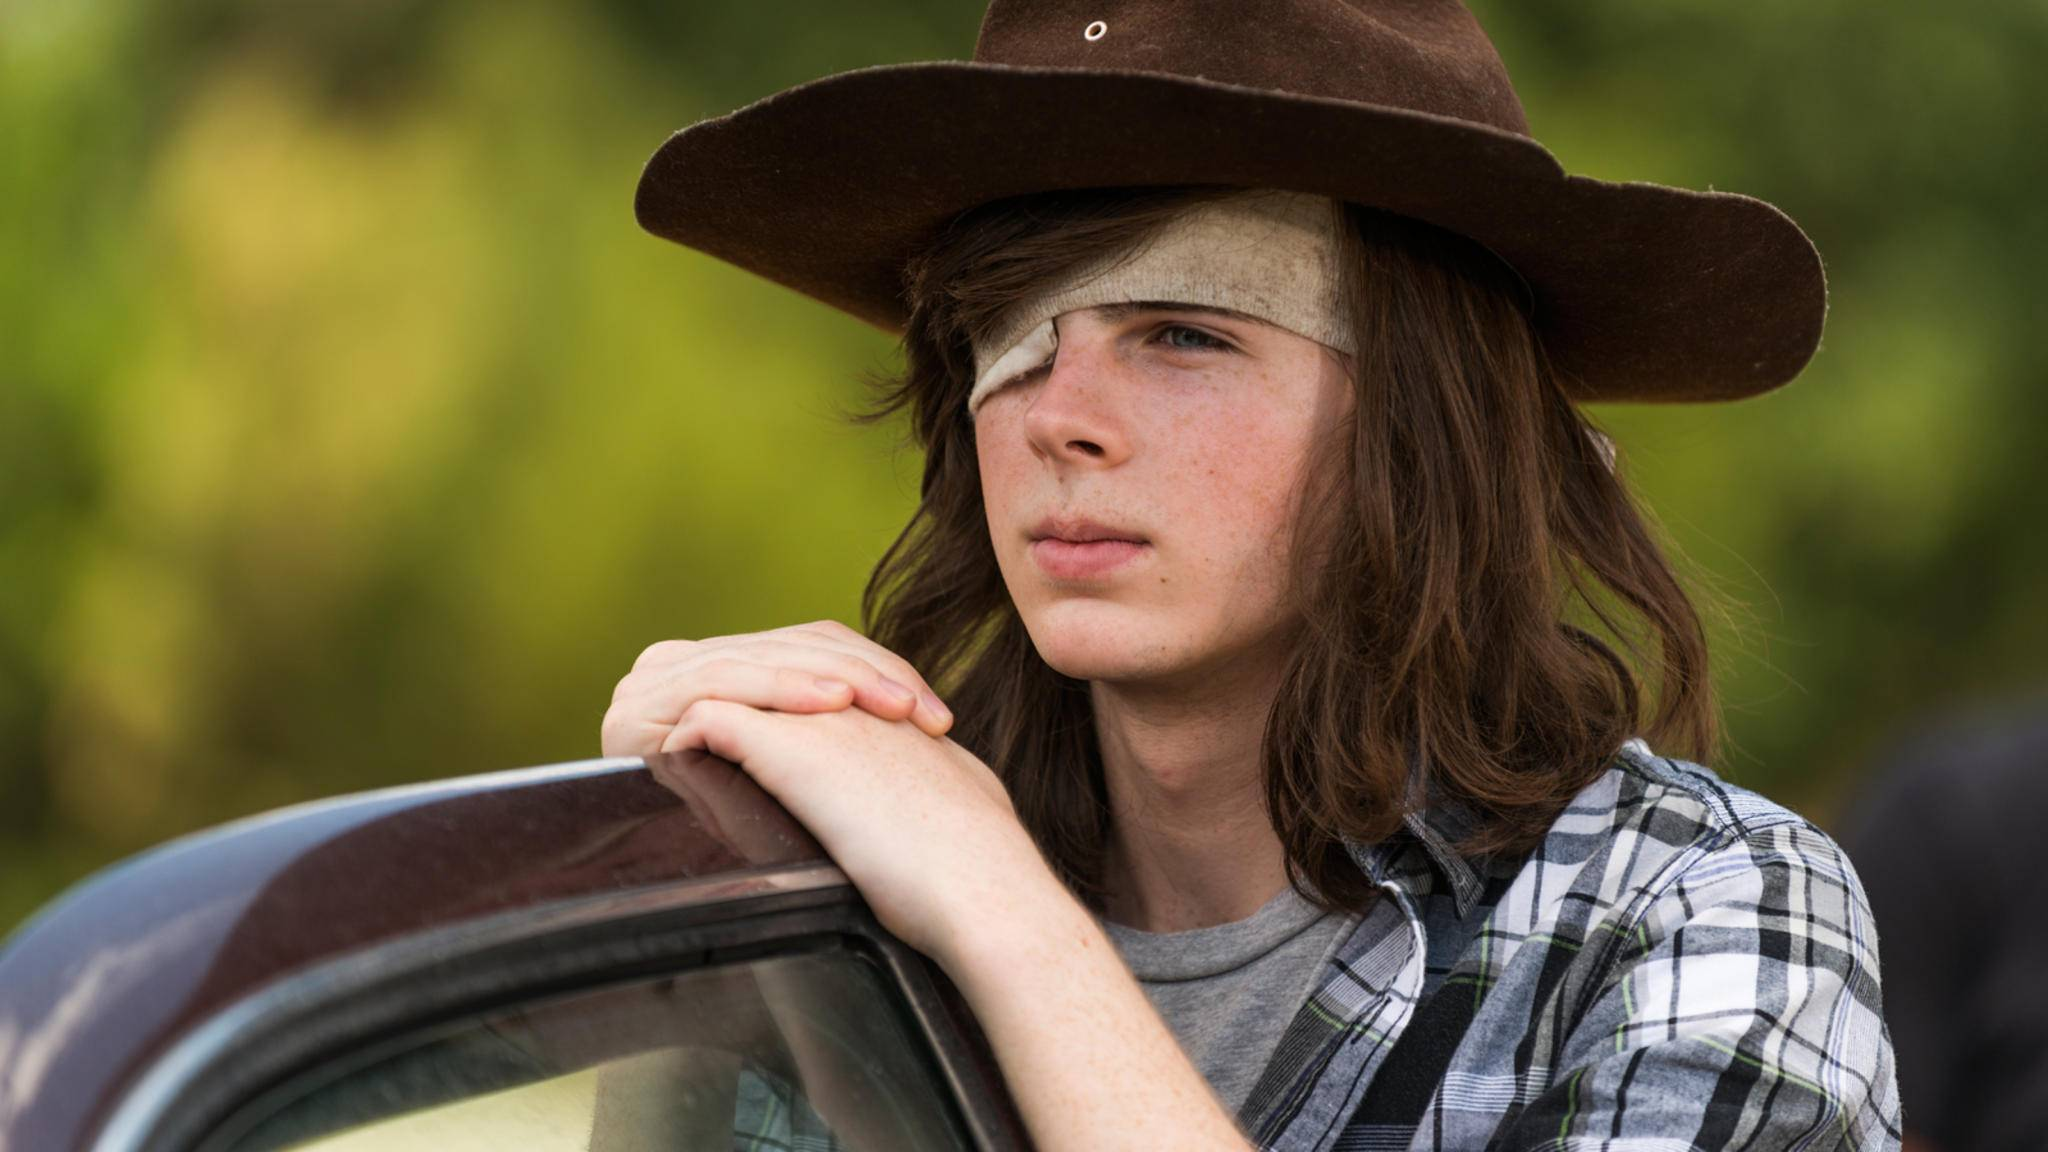 Sehen wir Carl eines Tages mit grauem Bart im Schaukelstuhl sitzen?